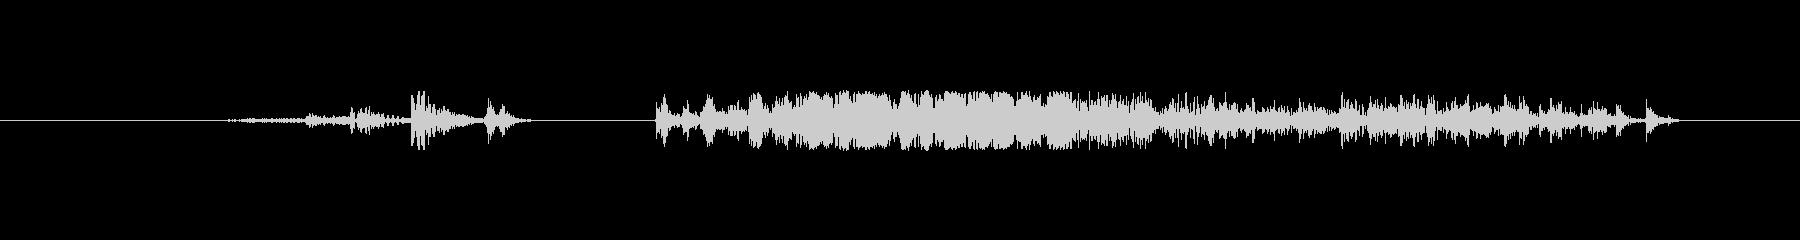 野獣 チョークショート01の未再生の波形